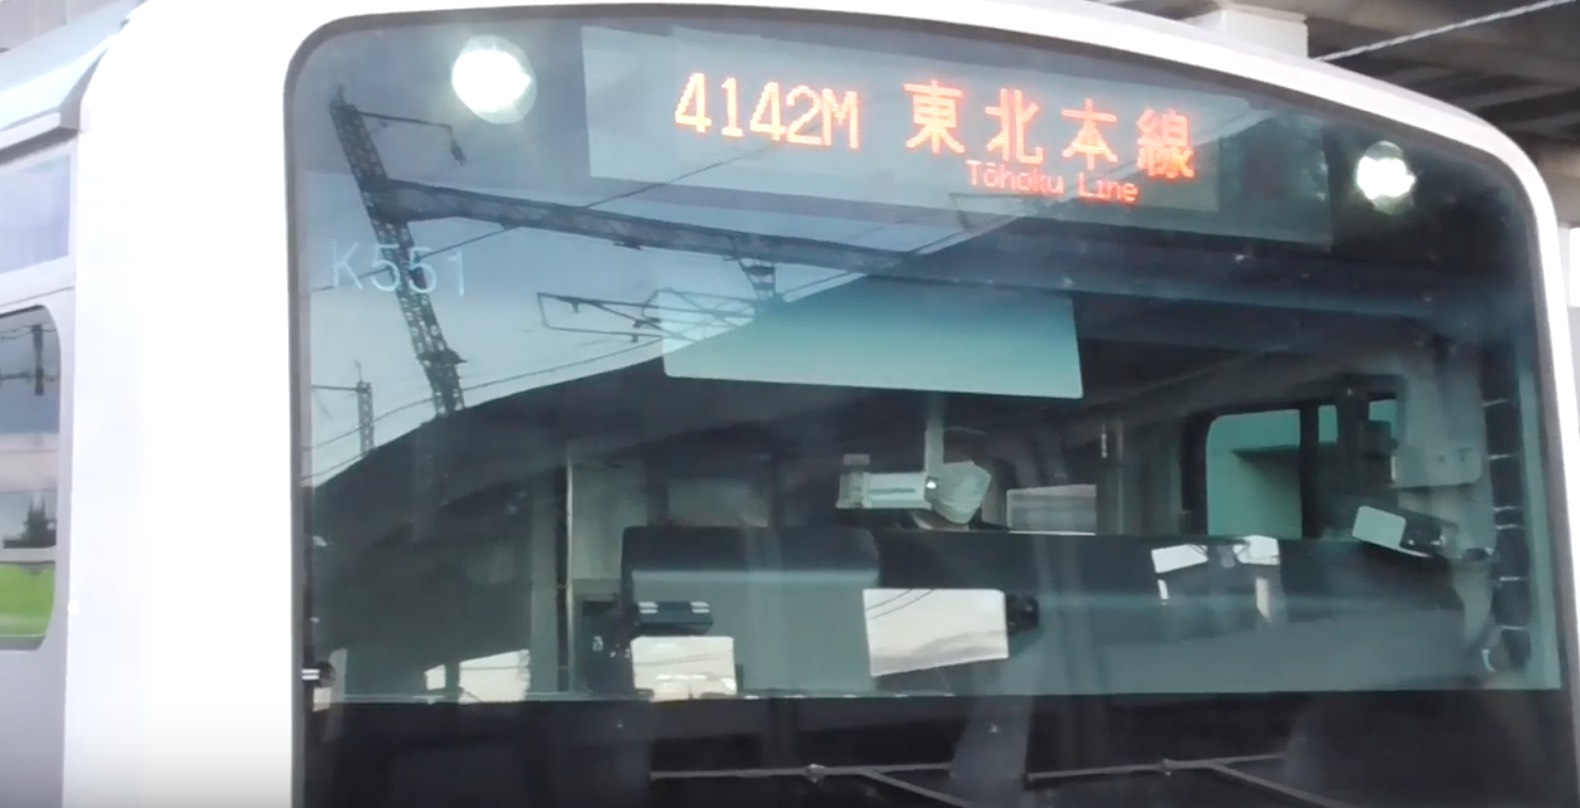 【超面白い区間】東北本線で走るディーゼルカー「キハ110系」が引退!改正後は E531系で統一